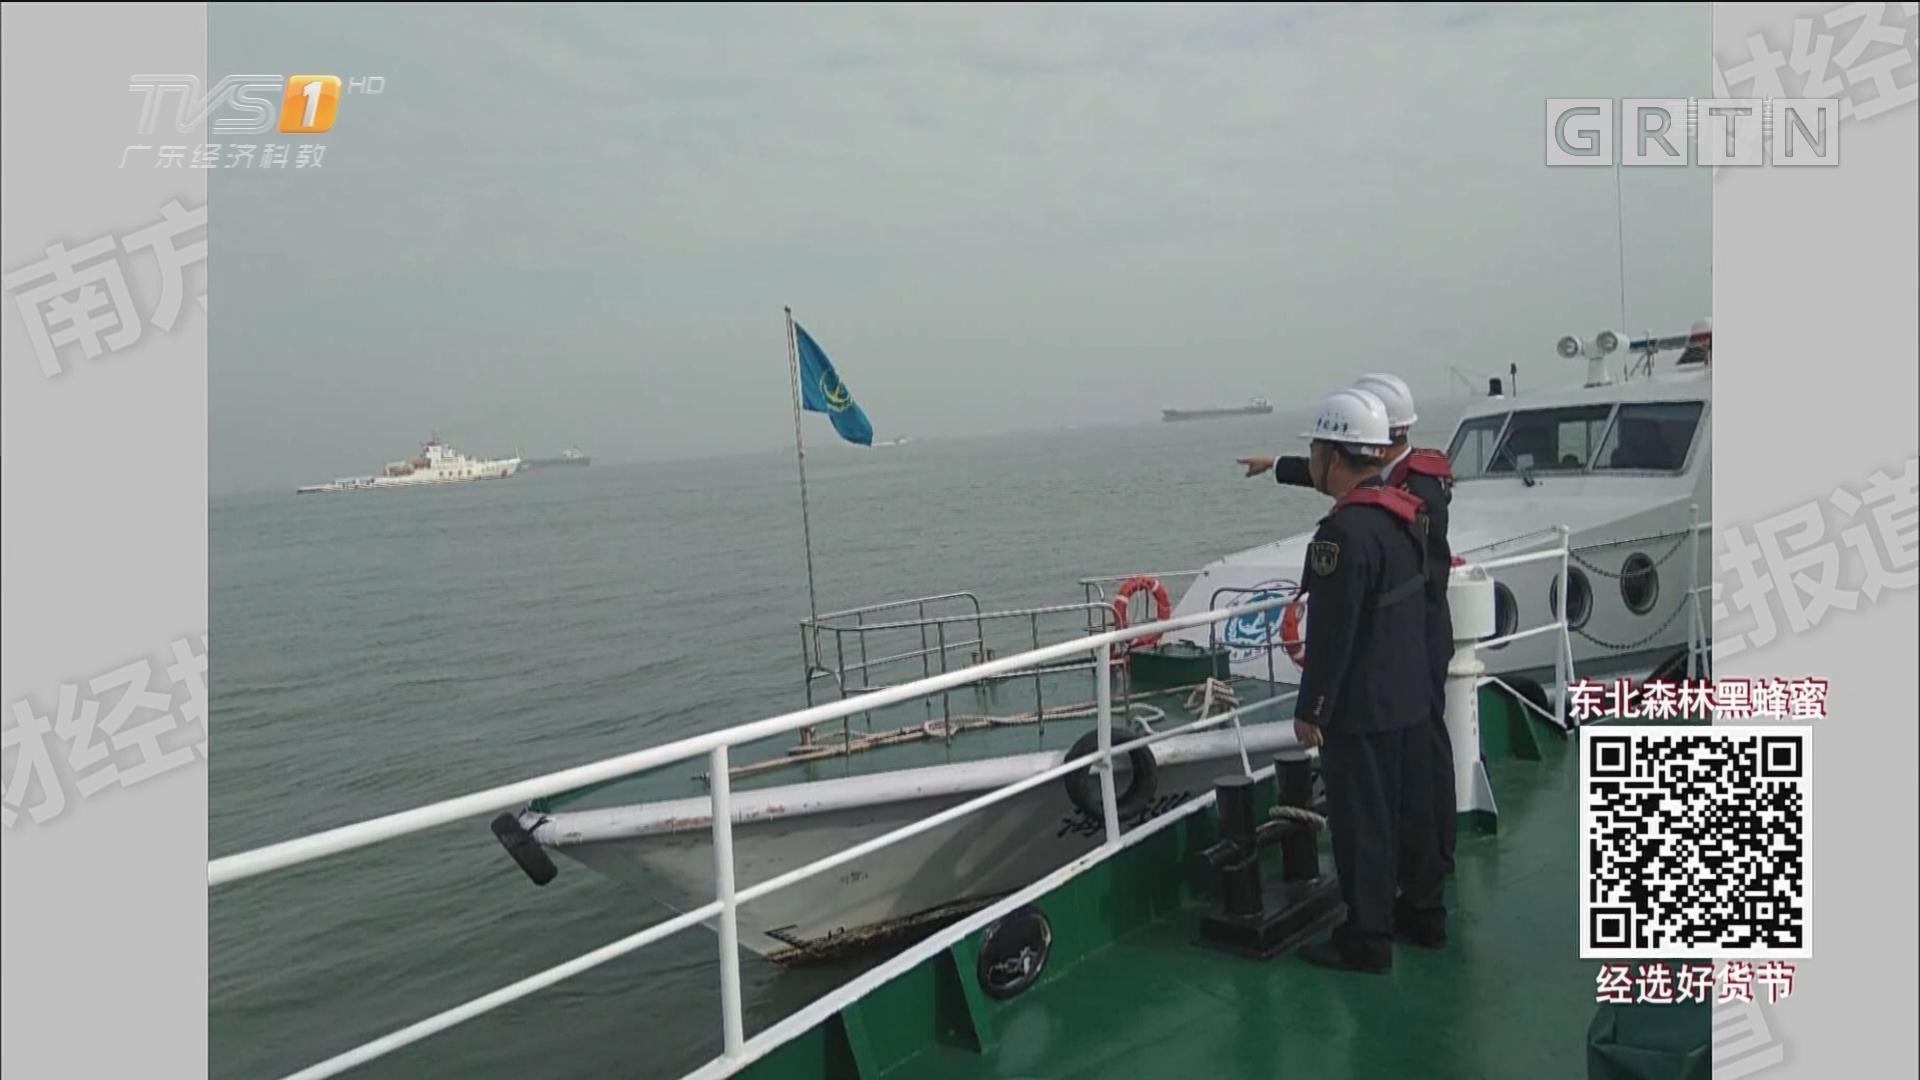 两货轮在珠江口碰撞 一货轮沉没